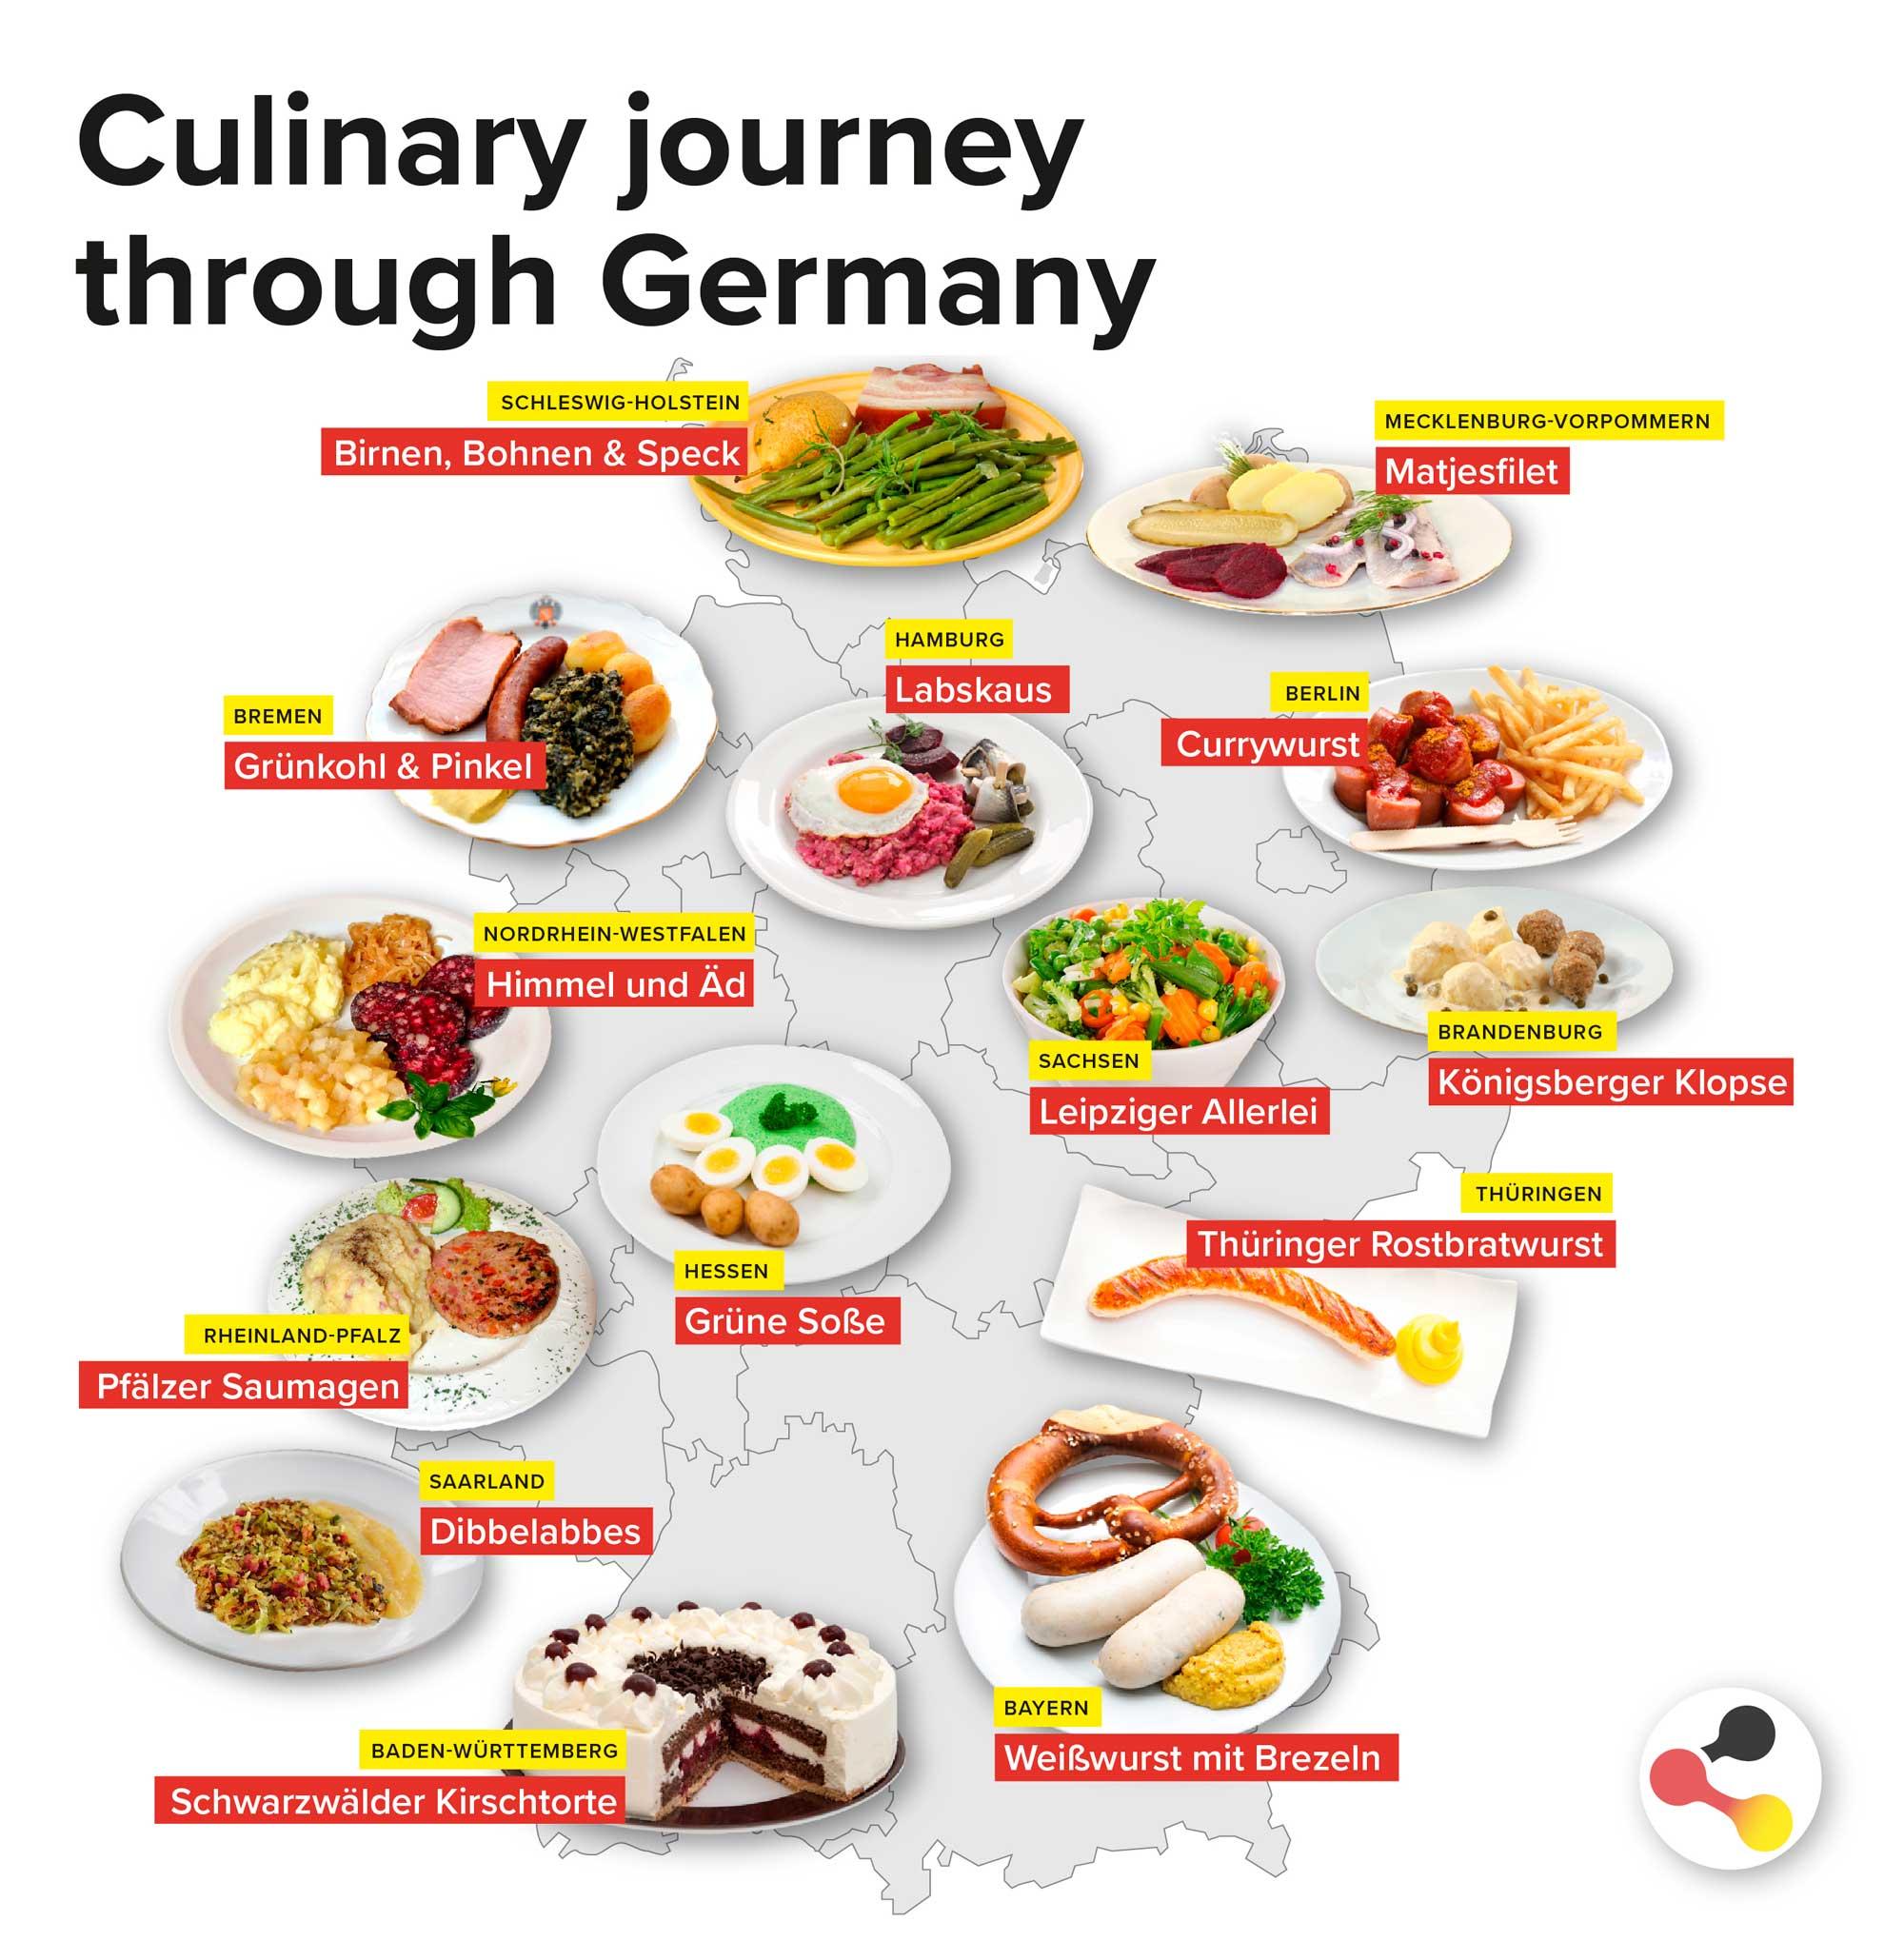 deutschland de - Your link to Germany